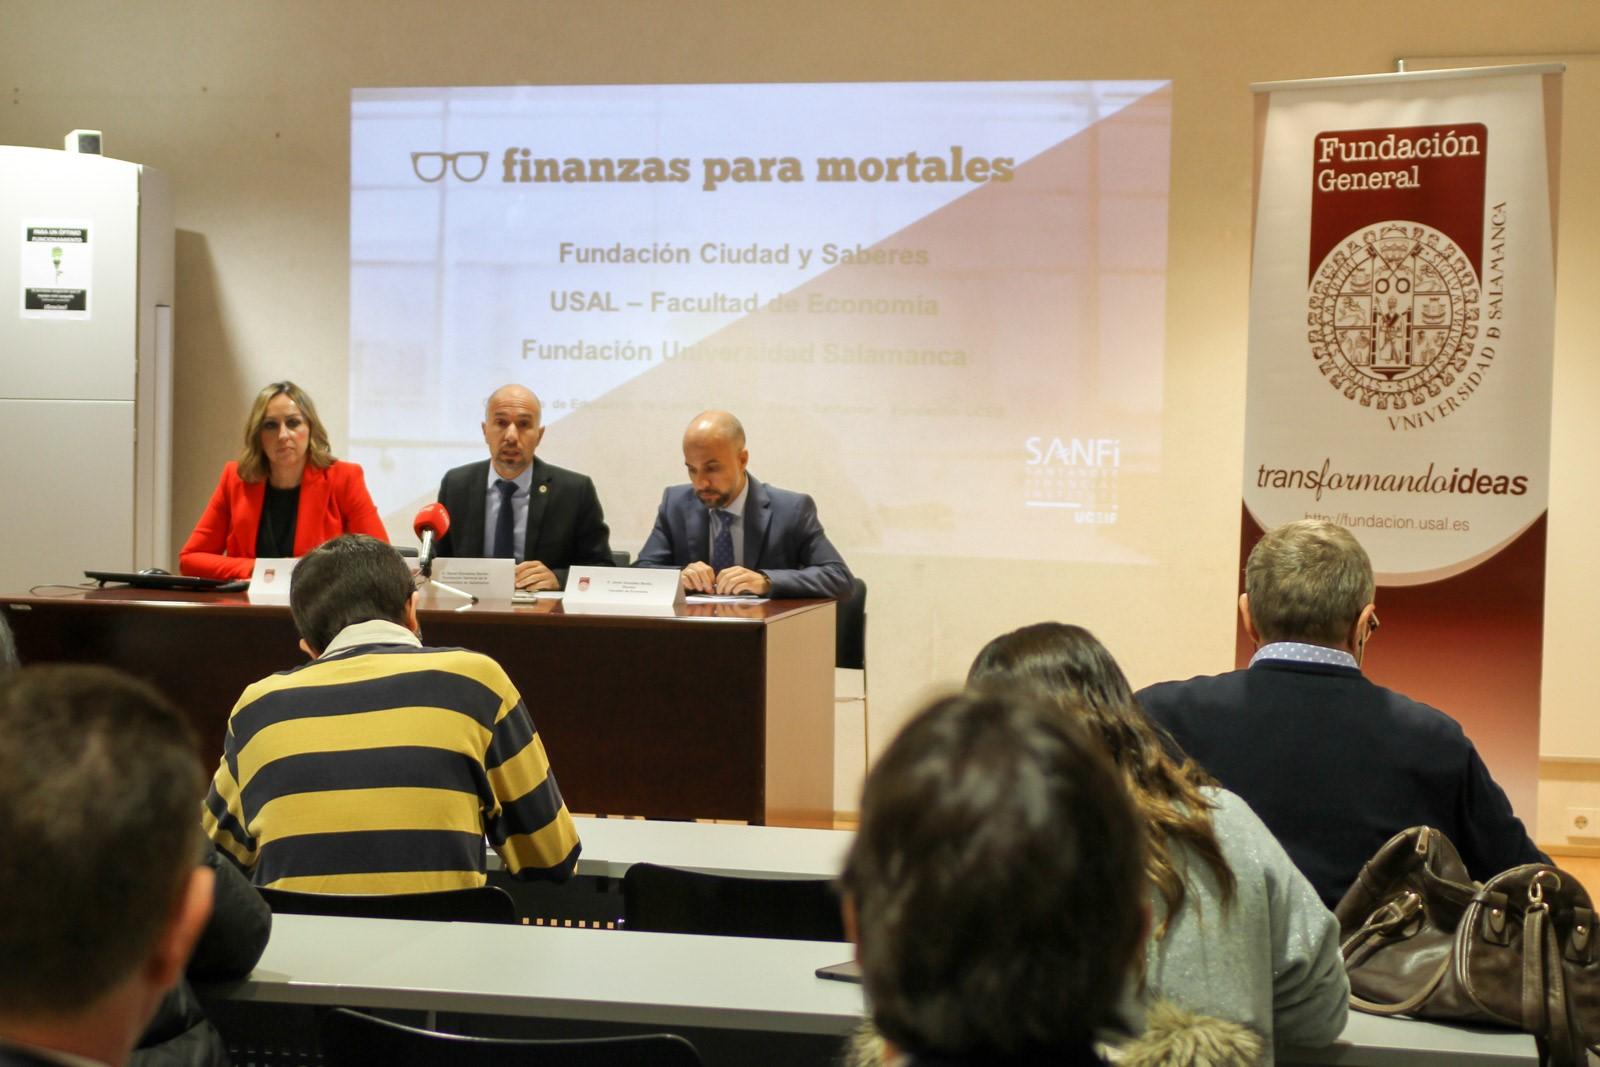 Rueda de prensa: La Facultad de Economía de la USAL acoge una iniciativa pionera en Educación Financiera